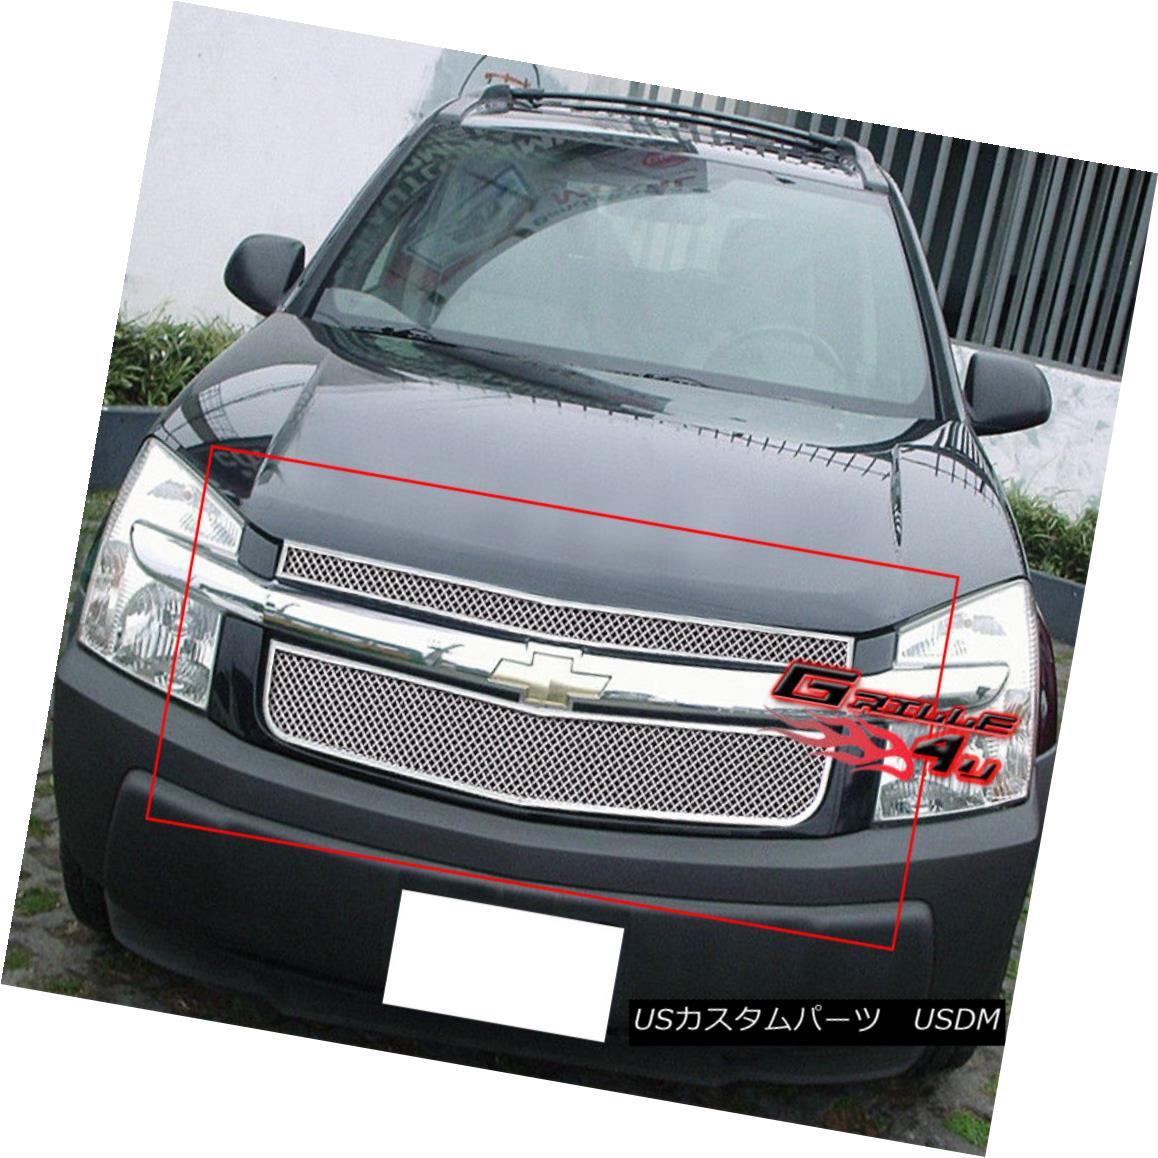 グリル Fits 2005-2009 Chevy Equinox Stainless Steel Mesh Grille Grill Insert 2005-2009 Chevy Equinoxステンレスメッシュグリルグリルインサートに適合